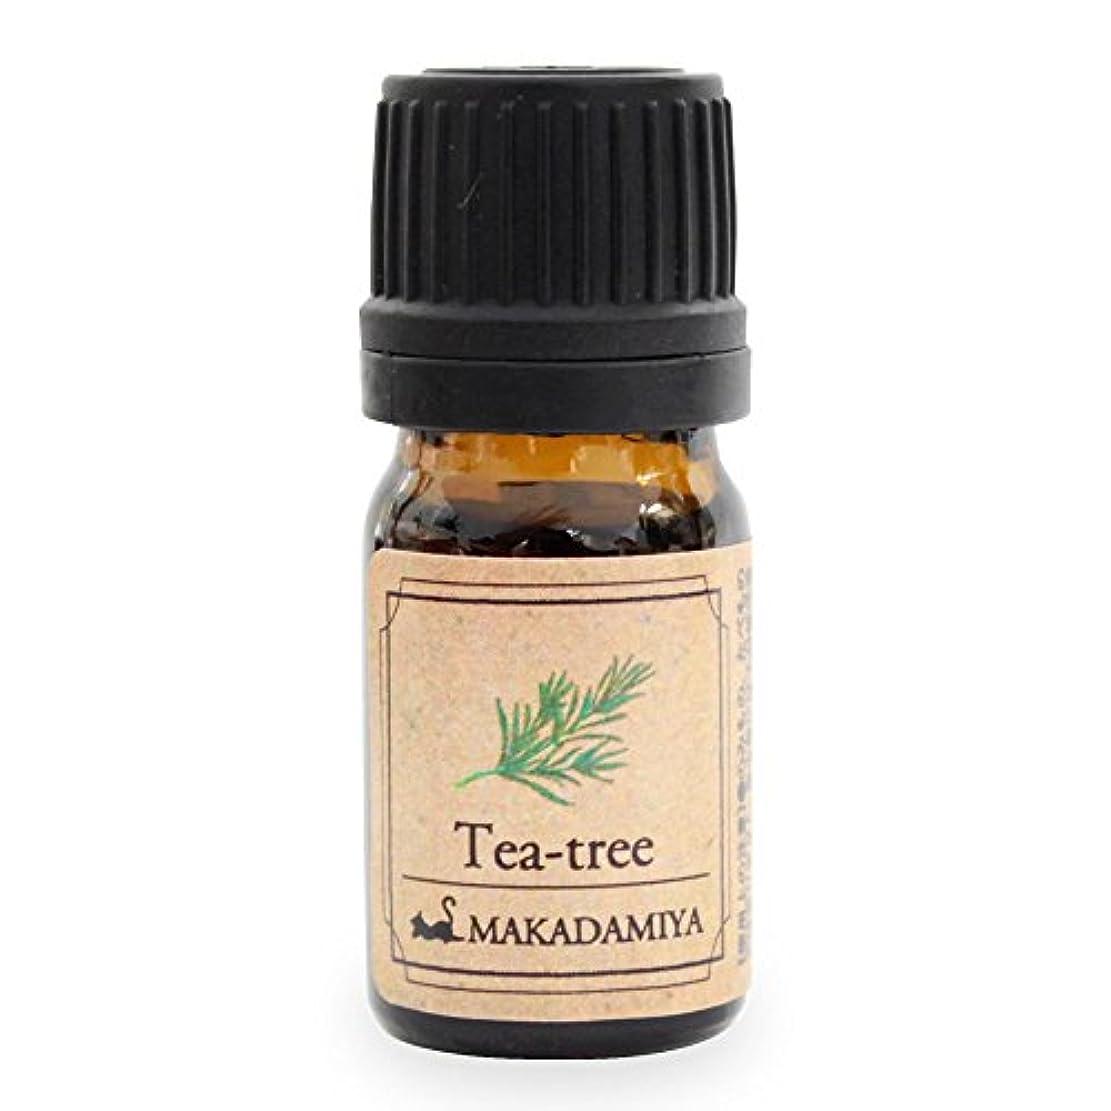 写真を描くトレース苗ティーツリー5ml 天然100%植物性 エッセンシャルオイル(精油) アロマオイル アロママッサージ aroma Tea-tree